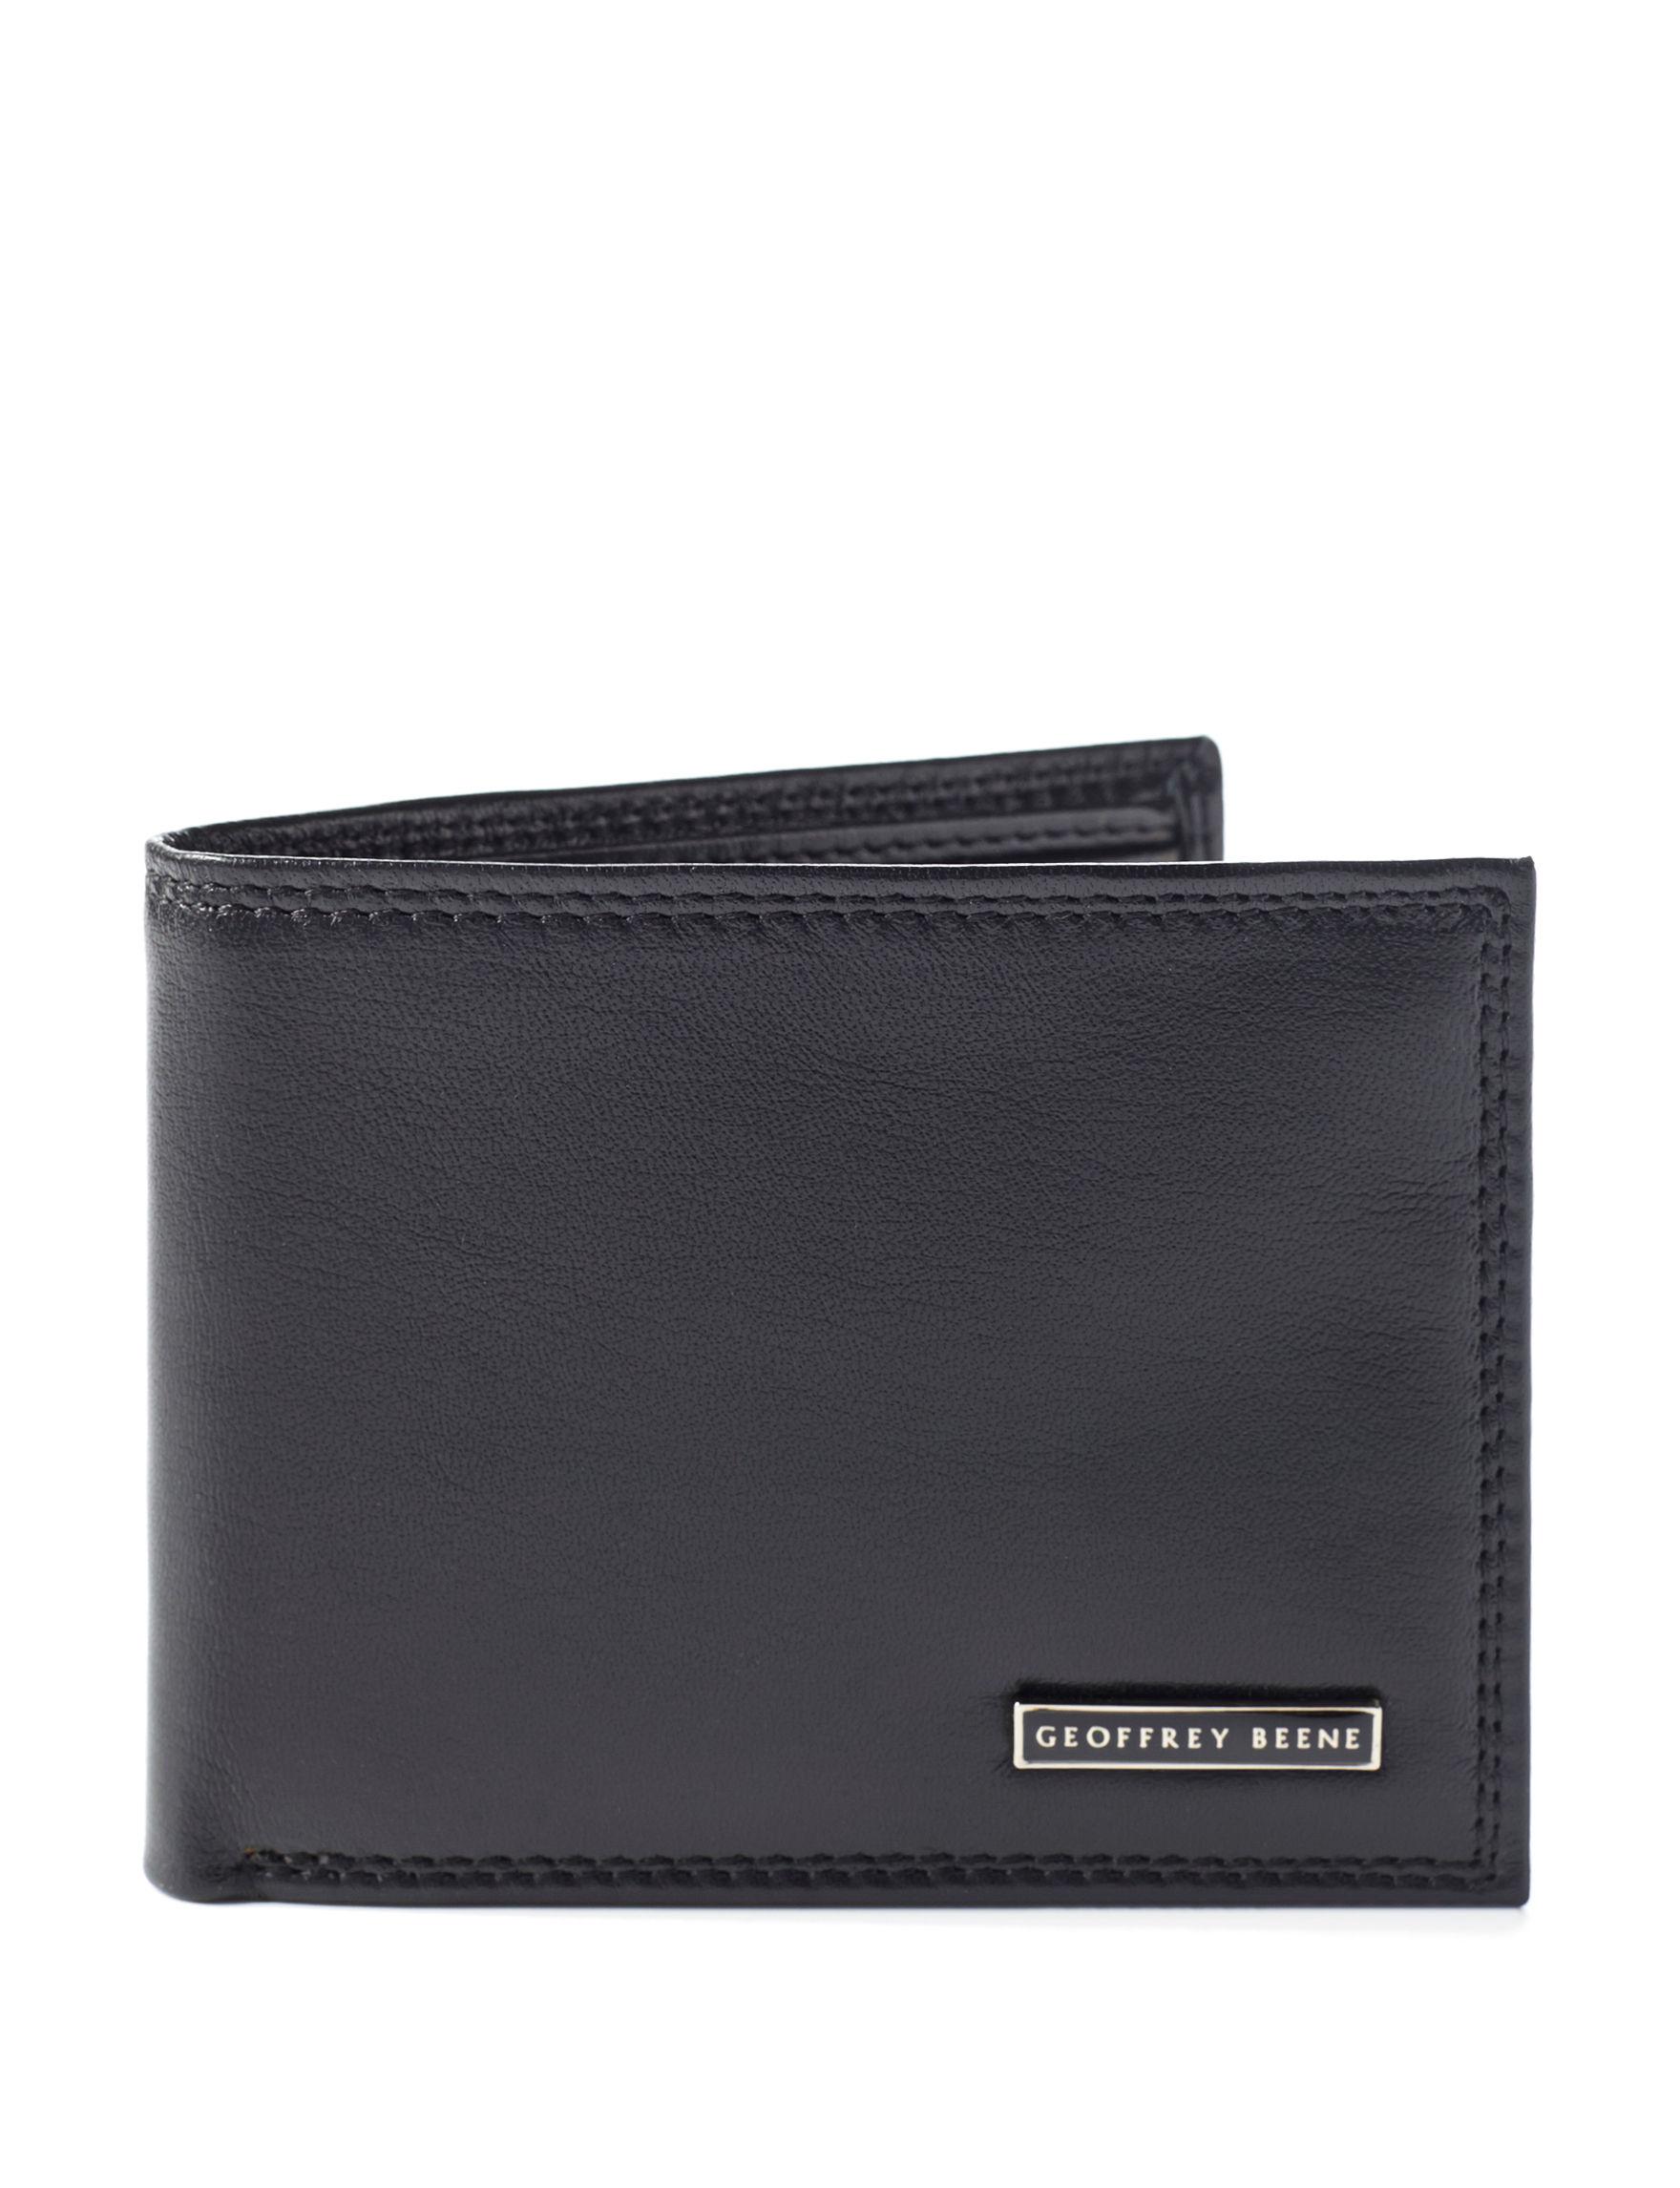 Geoffrey Beene Black Bi-fold Wallets